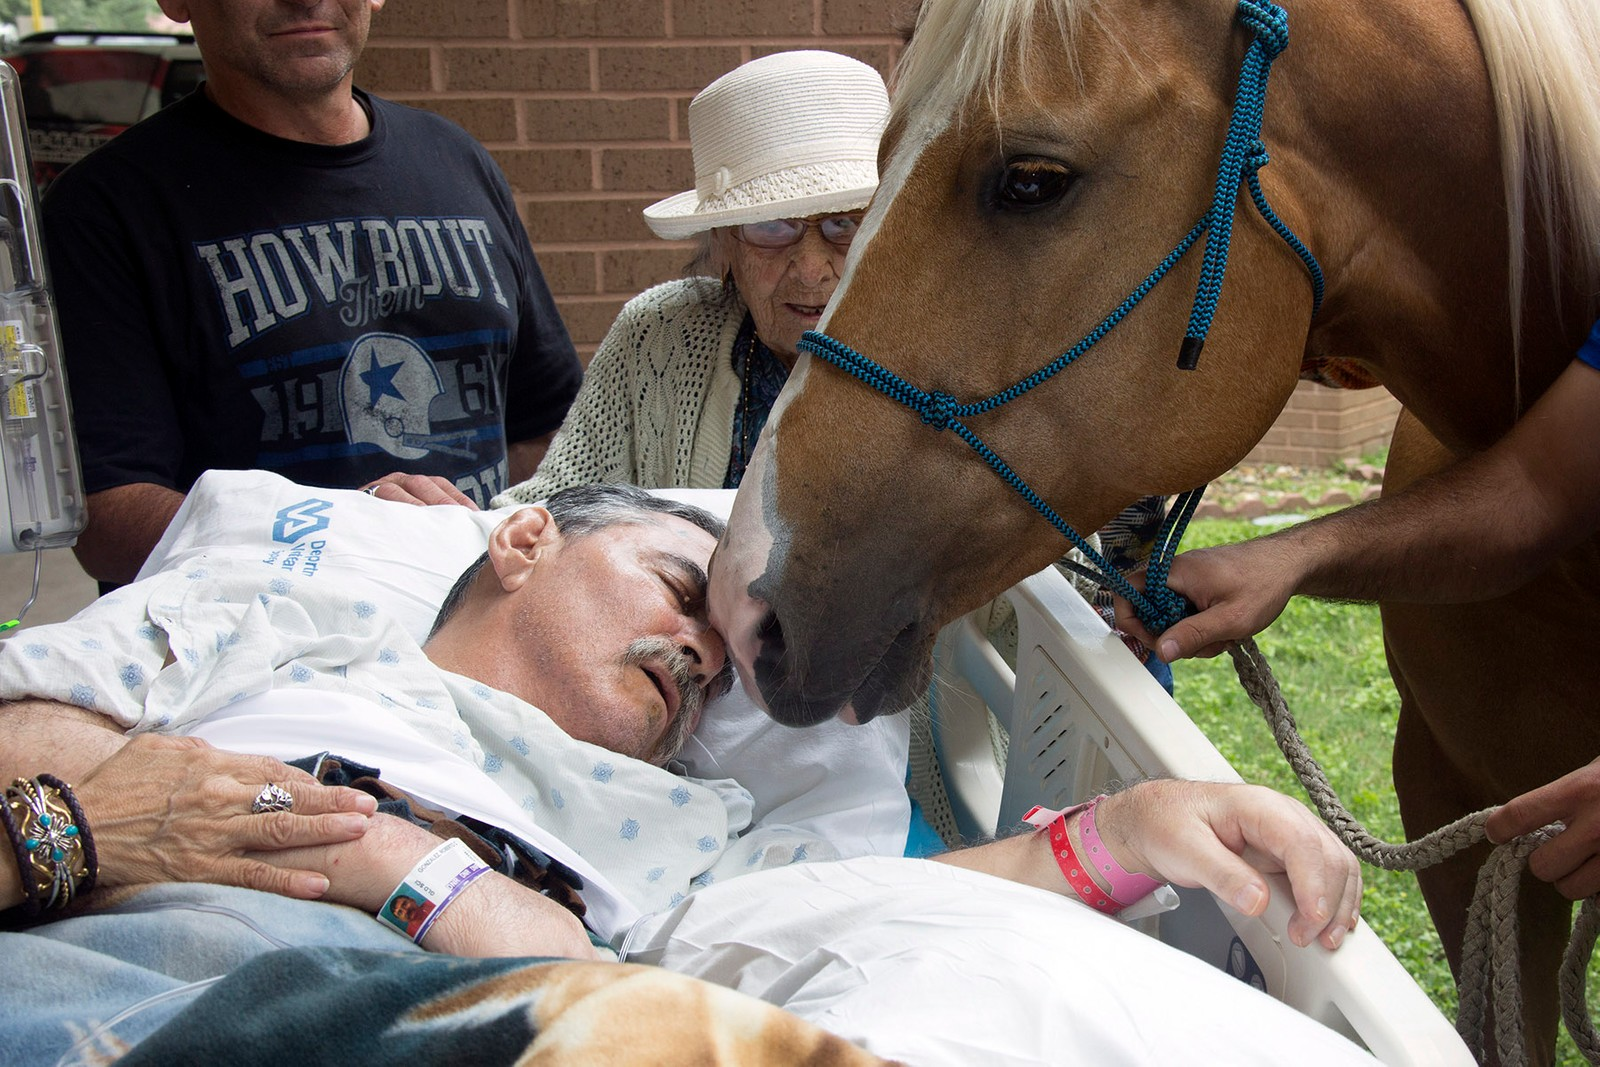 Vietnam-veteranen Roberto Gonzales' siste ønske var å ta farvel med hestene sine, Ringo og Sugar. Gonzales ble lam av skuddskader han pådro seg i krigen 21. mai, 1970. Samme dato 46 år seinere tok han farvel med hestene han har trent opp.